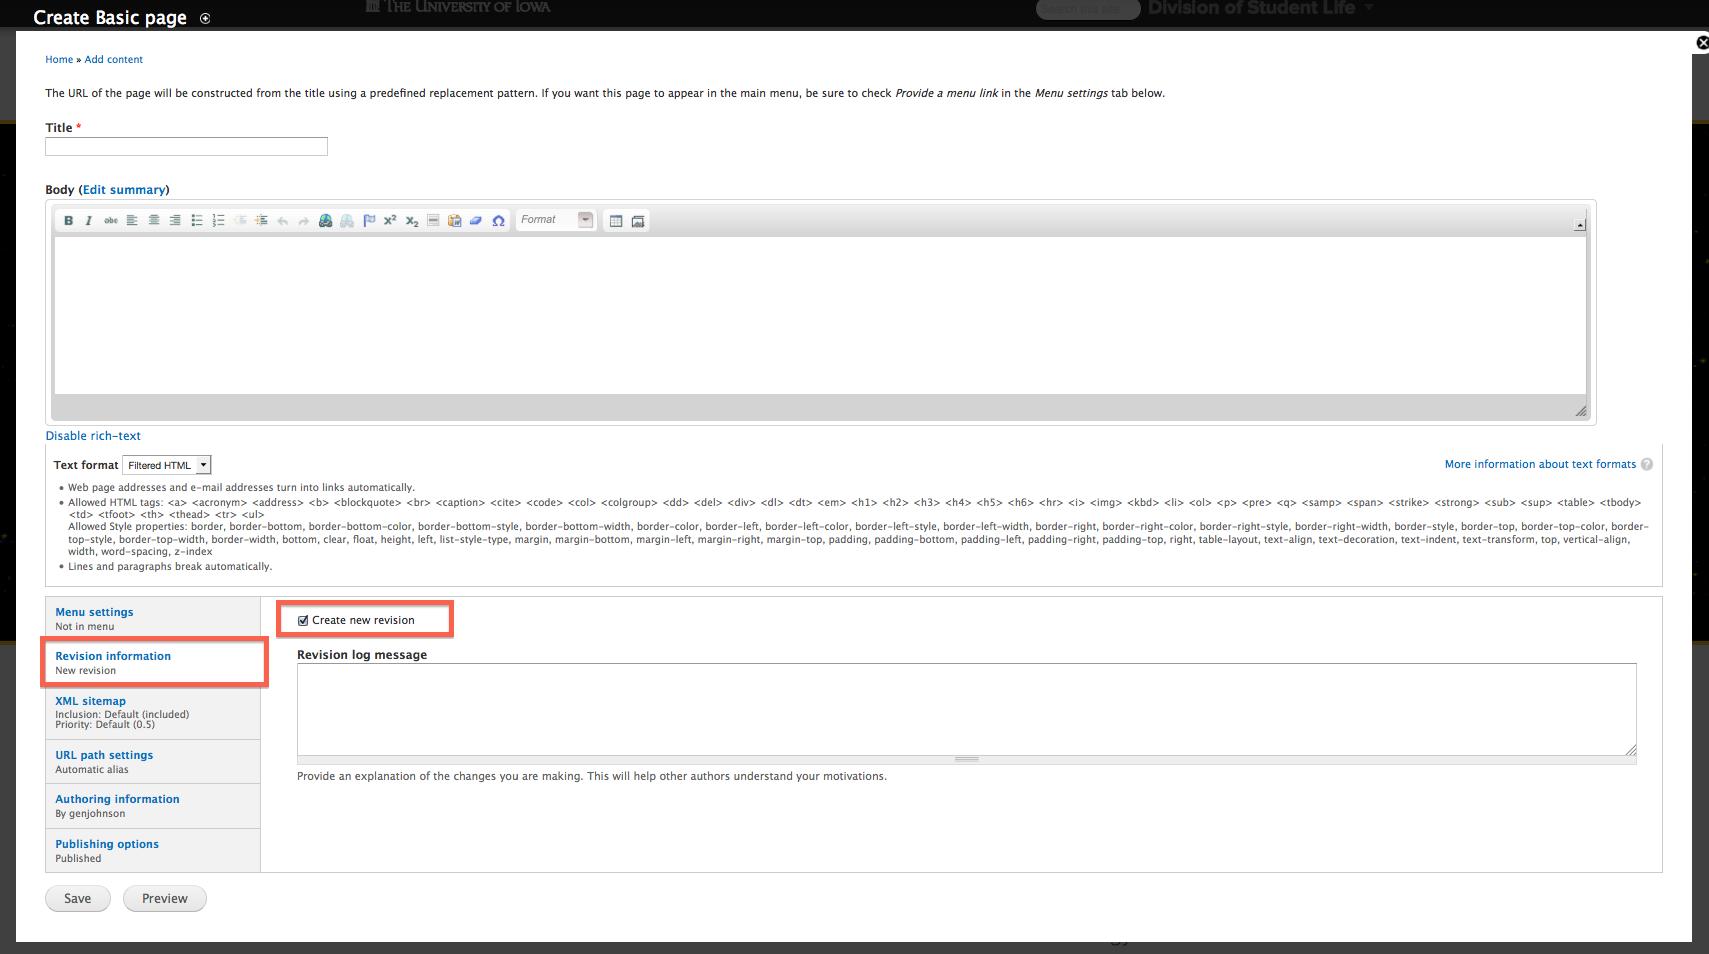 Create new revision checkbox